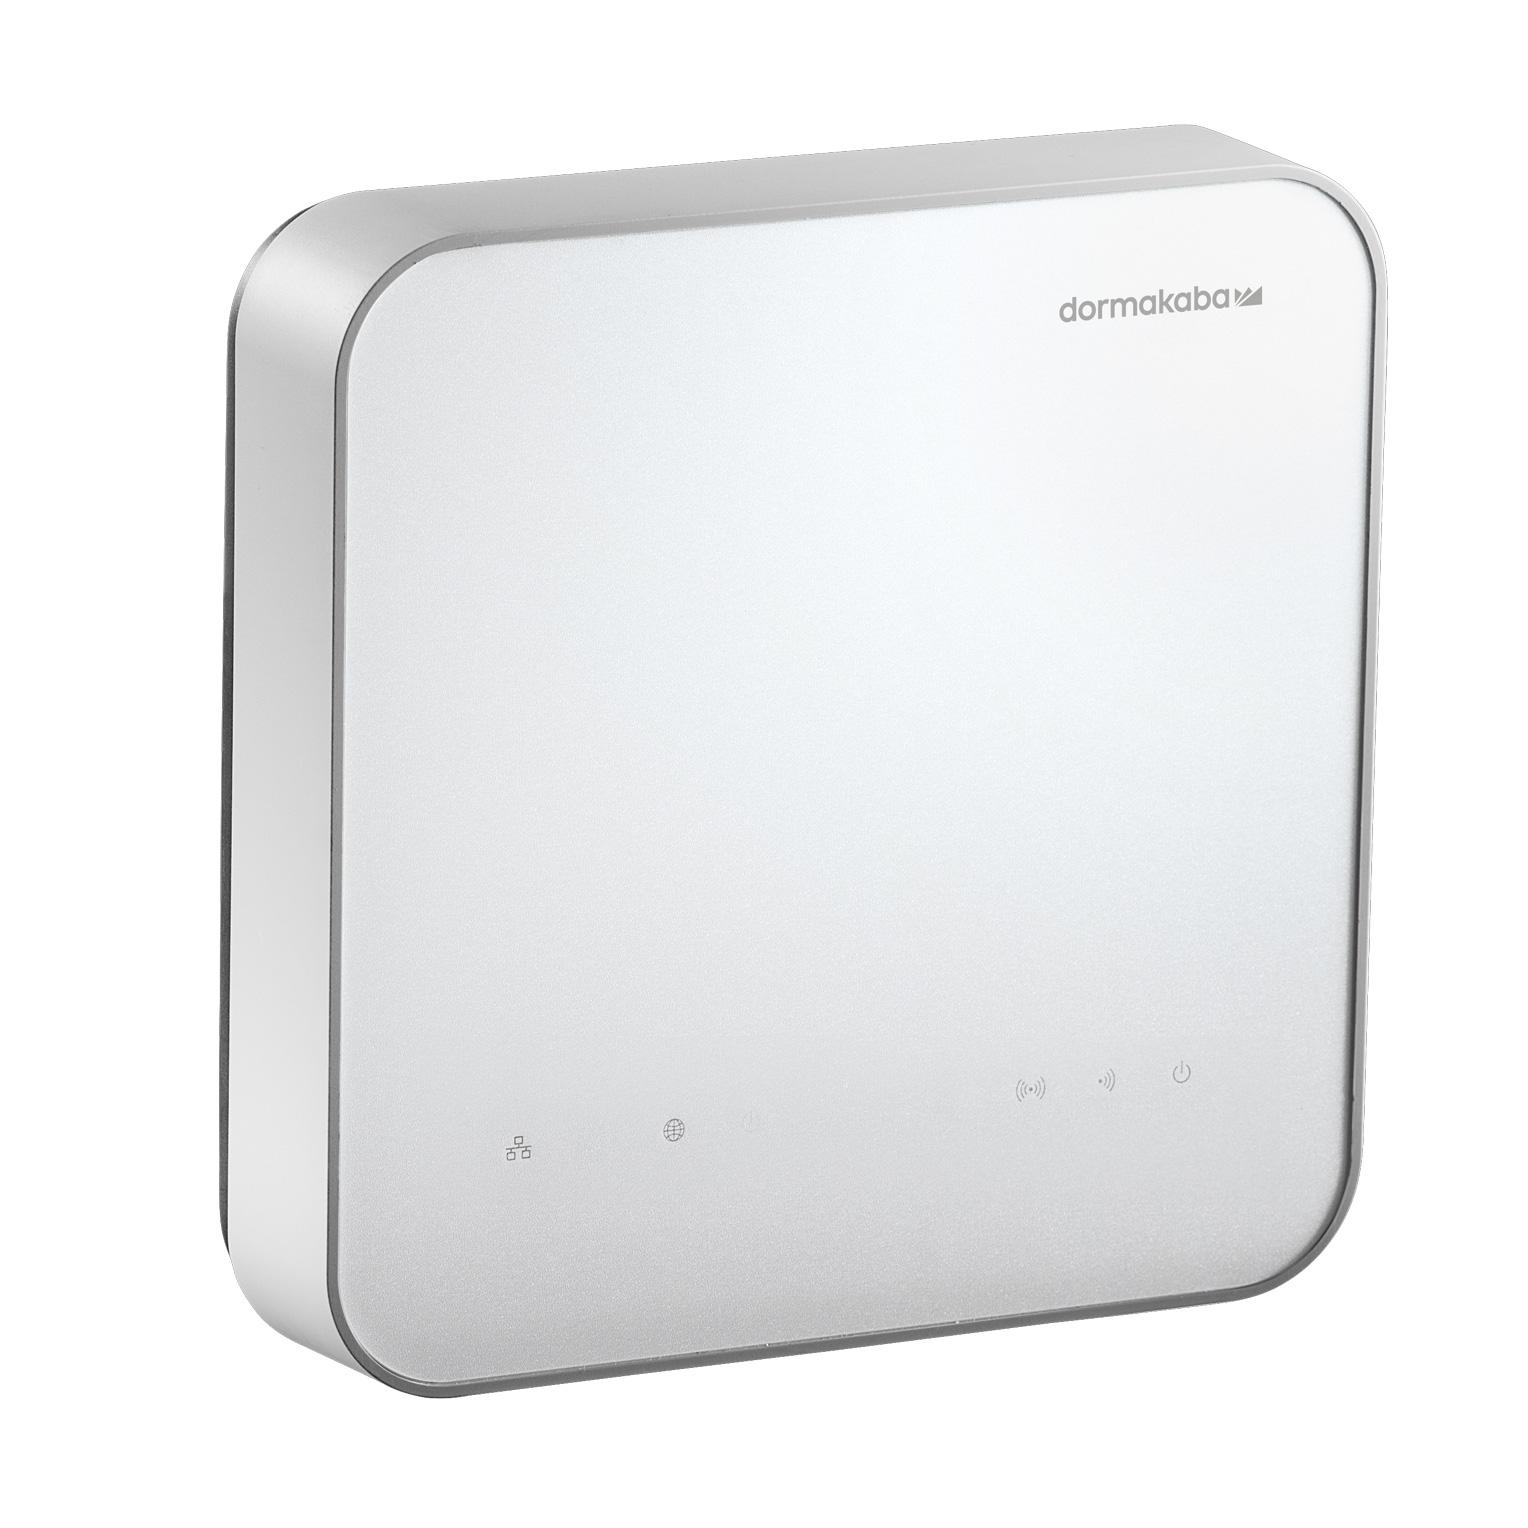 dormakaba Wireless Gateway 90 42 - www bedatime de